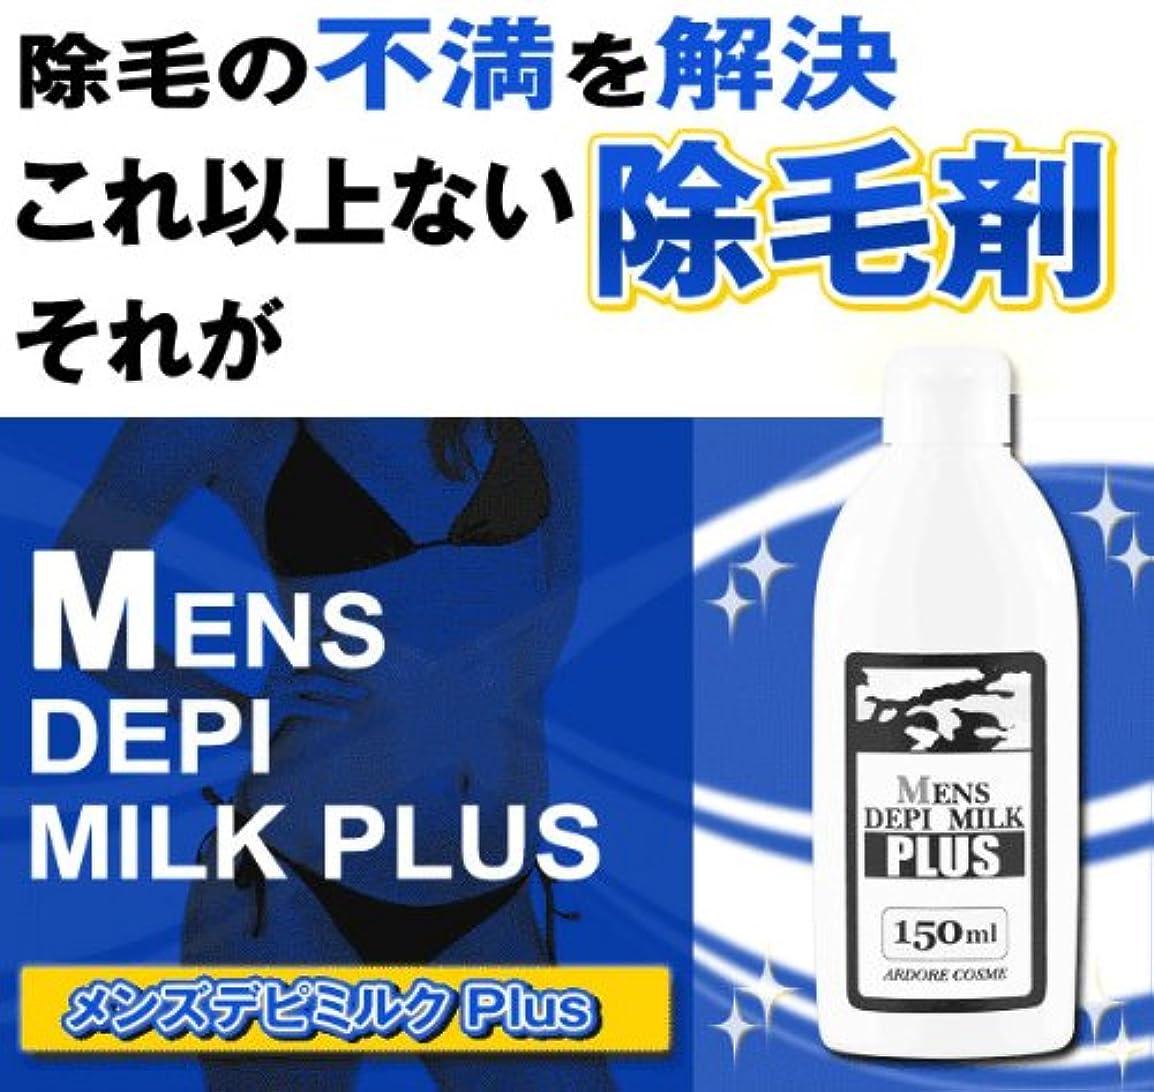 セクタ鳴らすコピー薬用メンズデピミルクプラス 150ml(薬用除毛クリーム)医薬部外品